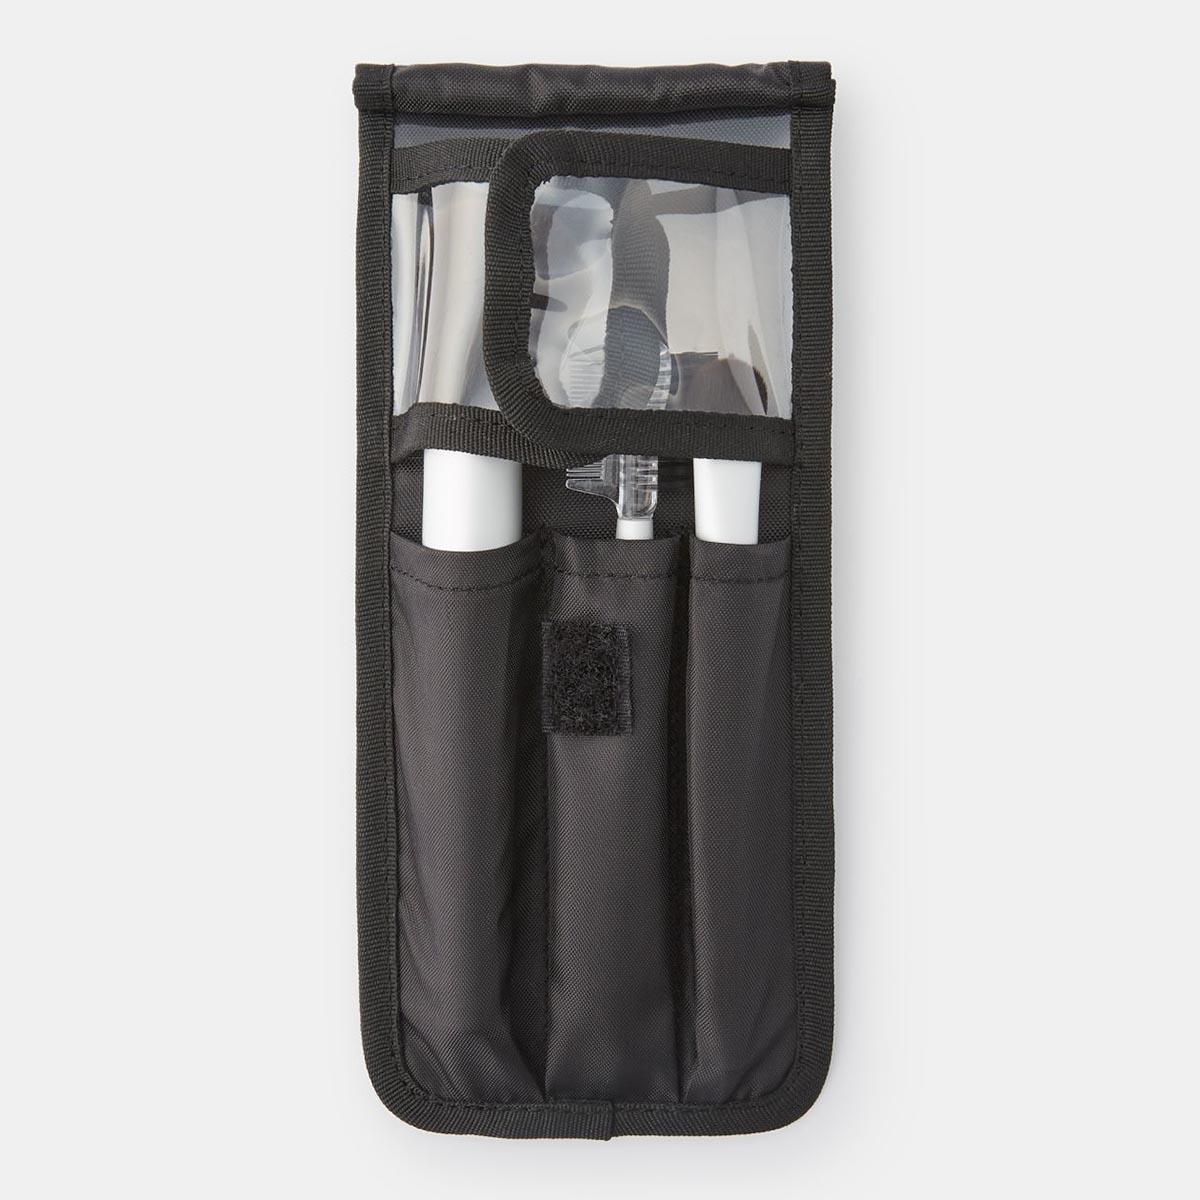 【無印良品公式】ナイロンメイクブラシポーチ黒・約19×8.5×0.5cm